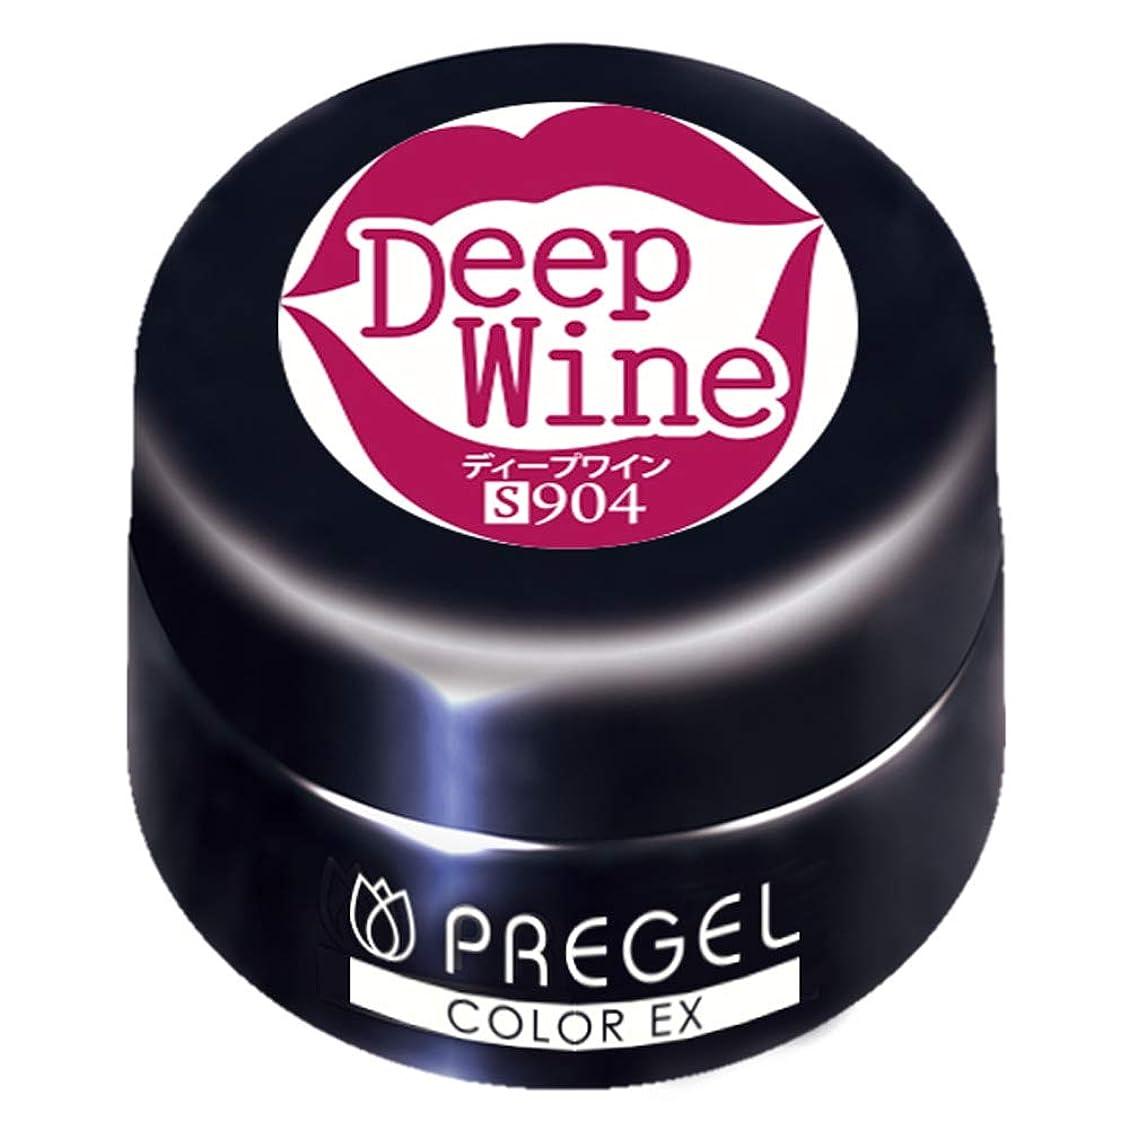 要件閉塞ラッカスPRE GEL カラーEX ディープワイン 3g PG-CE904